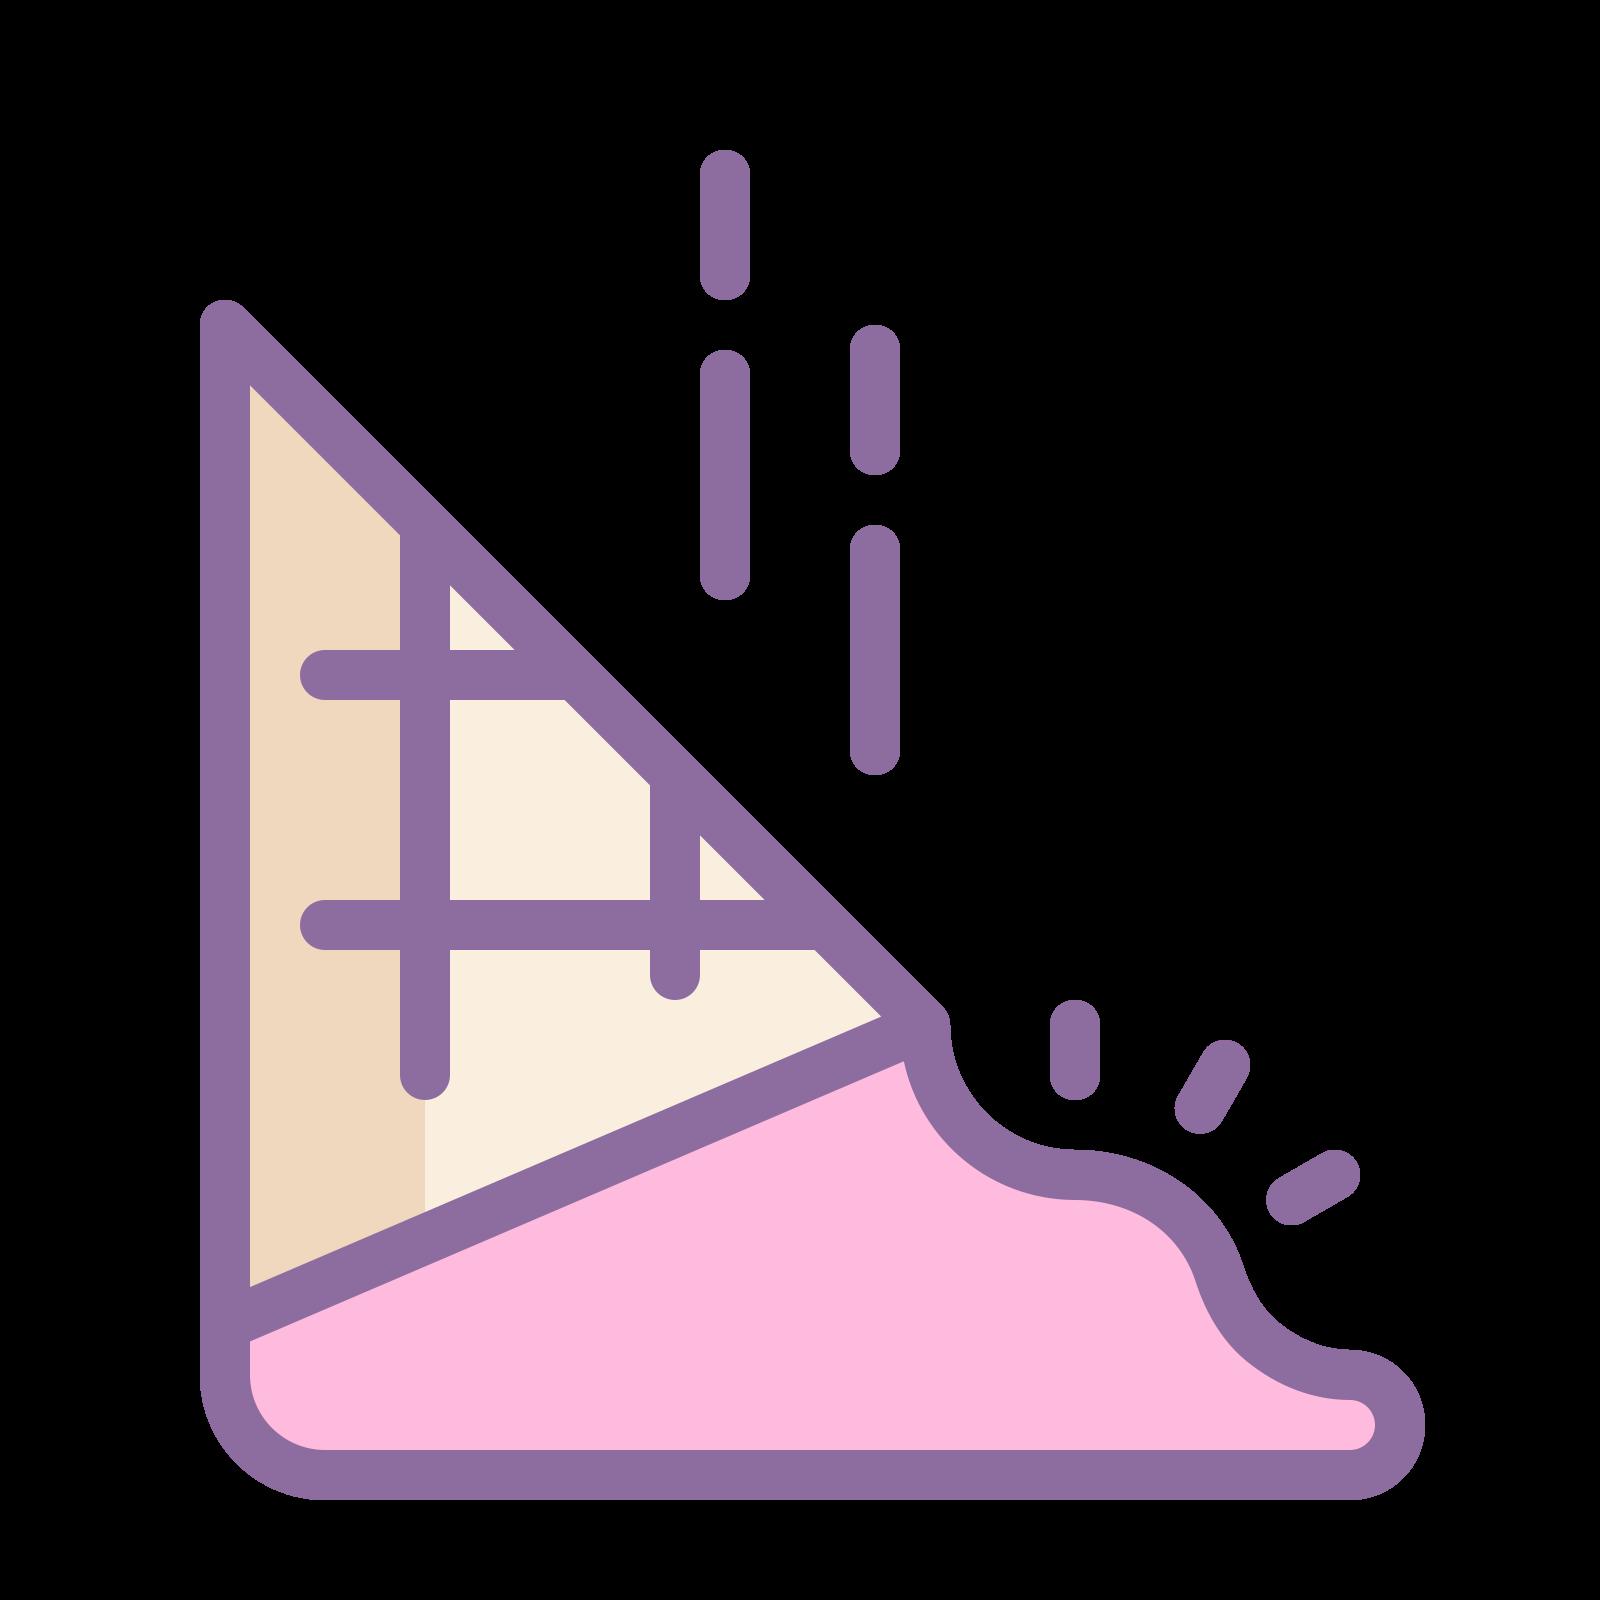 堕落的冰淇淋锥 icon